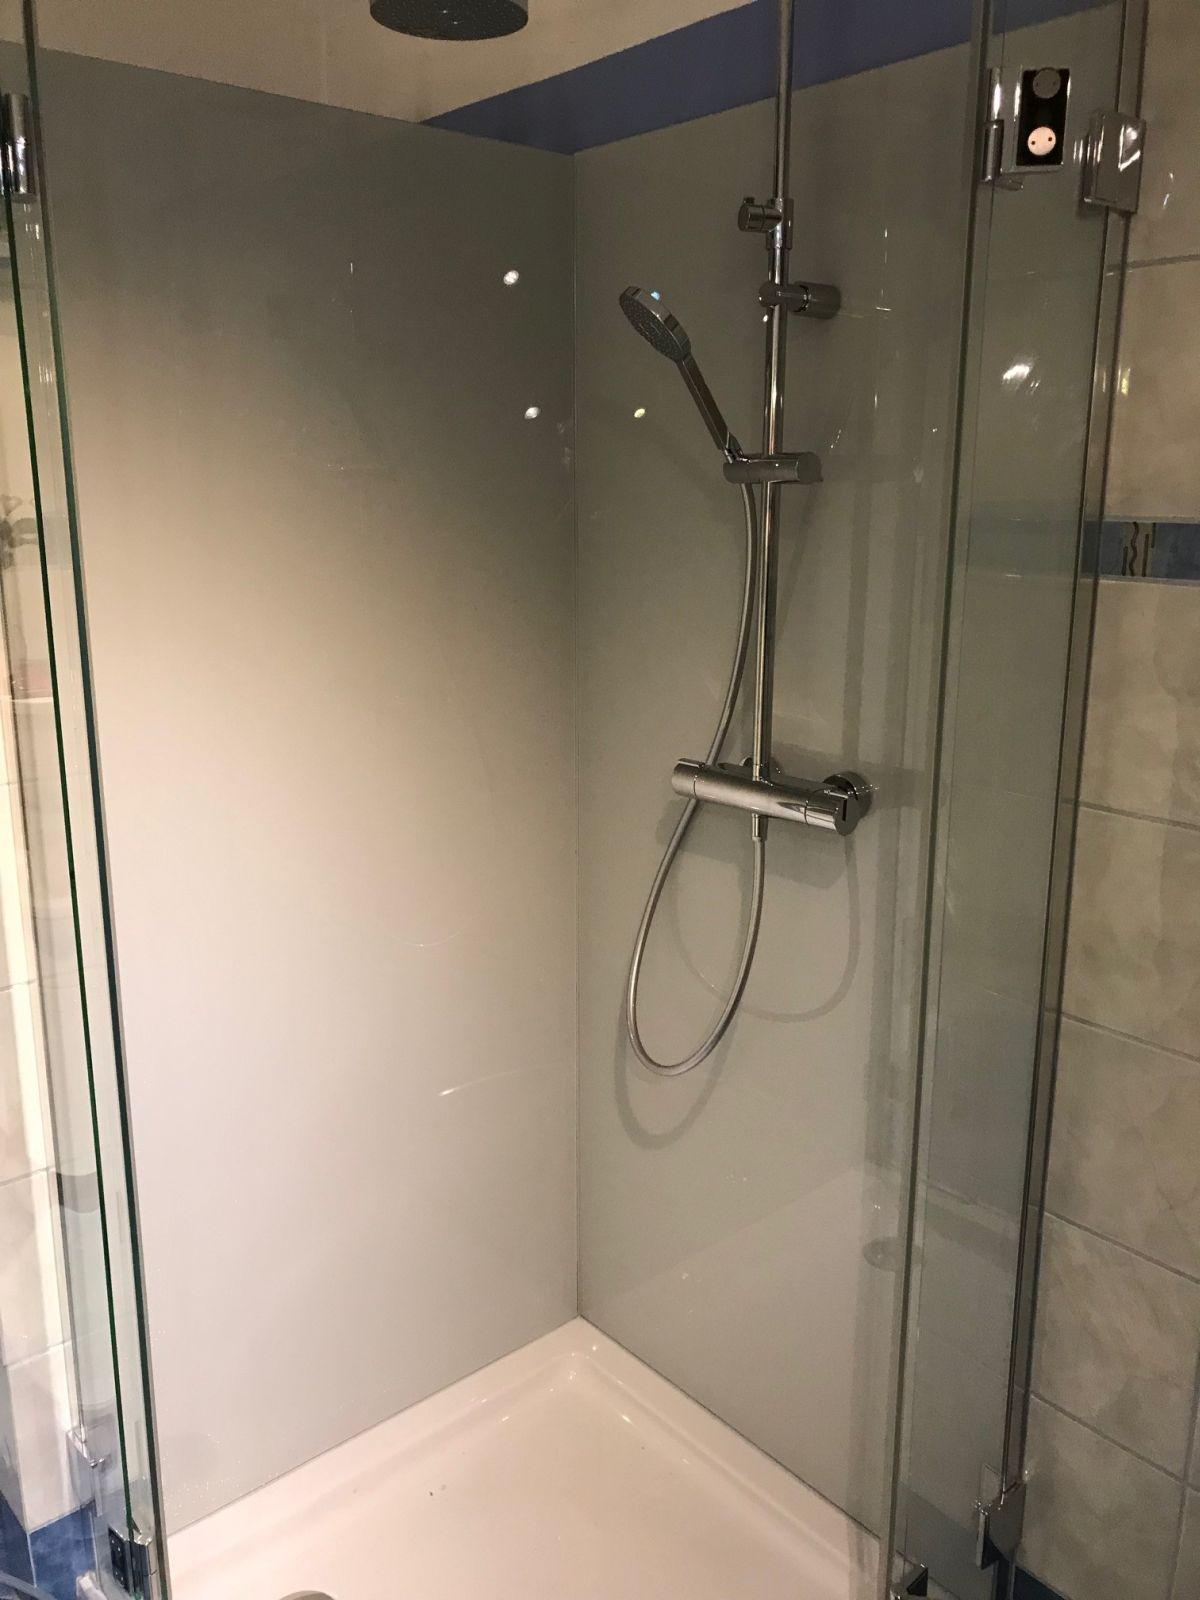 Dusche statt wanne fliesen tecchio glasduschr ckwand statt fliesen in der dusche glasduschen - Dusche statt fliesen ...